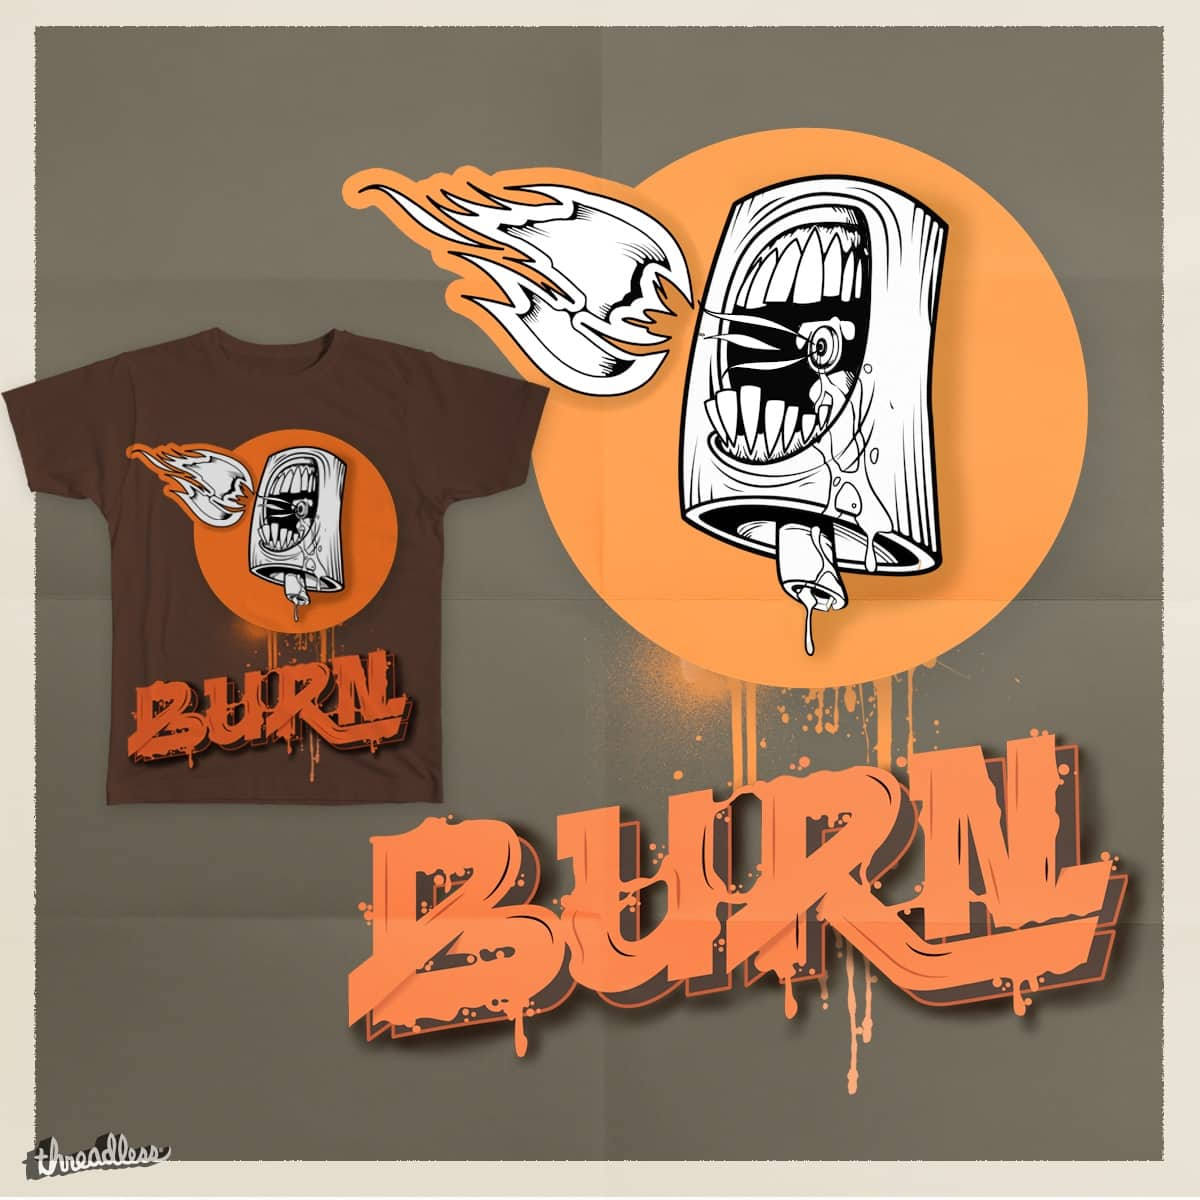 Burn by ergunuzun on Threadless